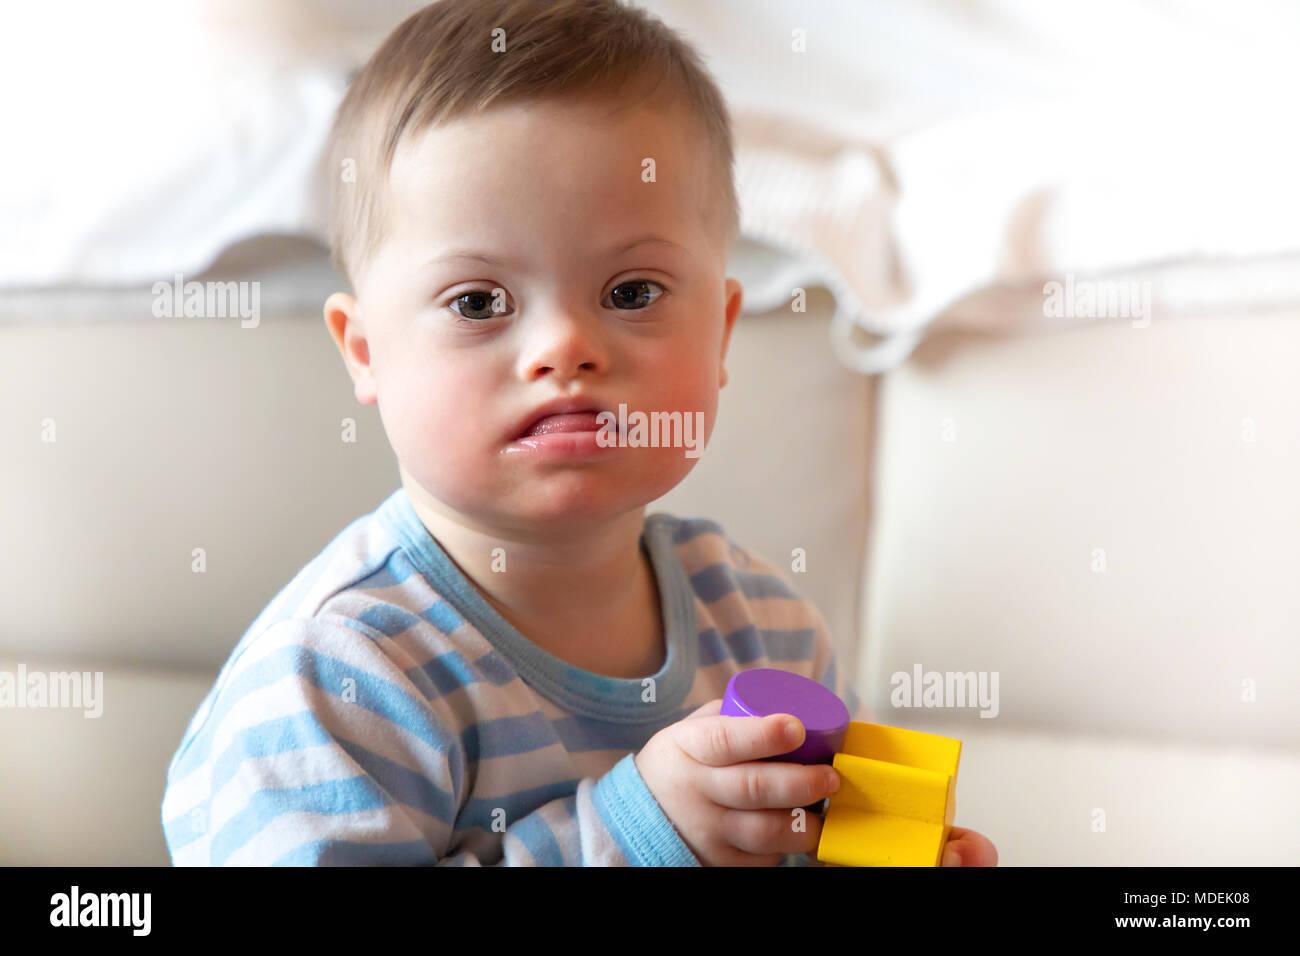 Portrait Von Niedlichen Baby Junge Mit Down Syndrom Stockfoto Bild